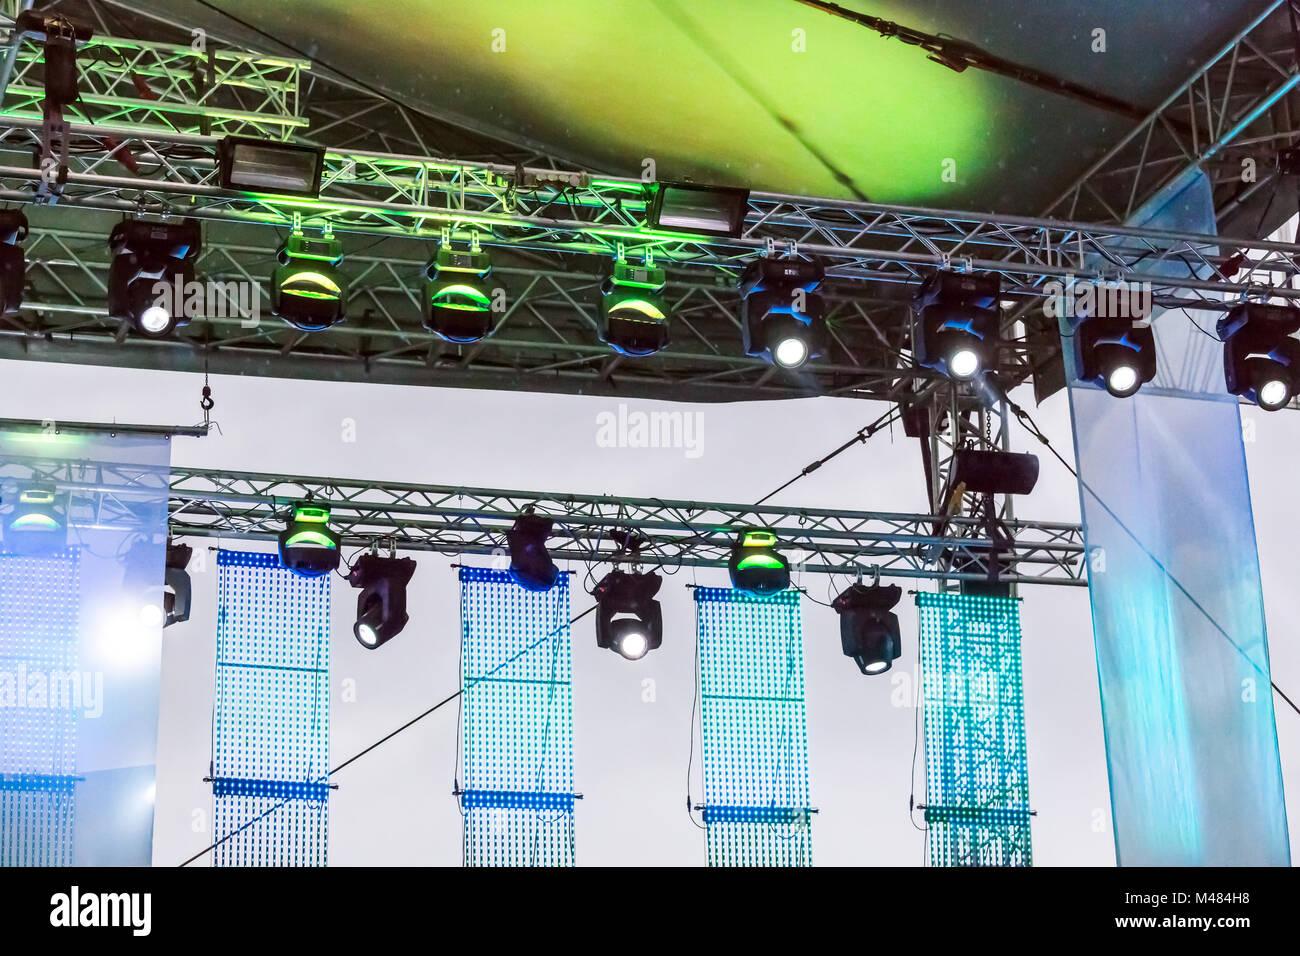 rows spotlights illuminate outdoor stage - Stock Image